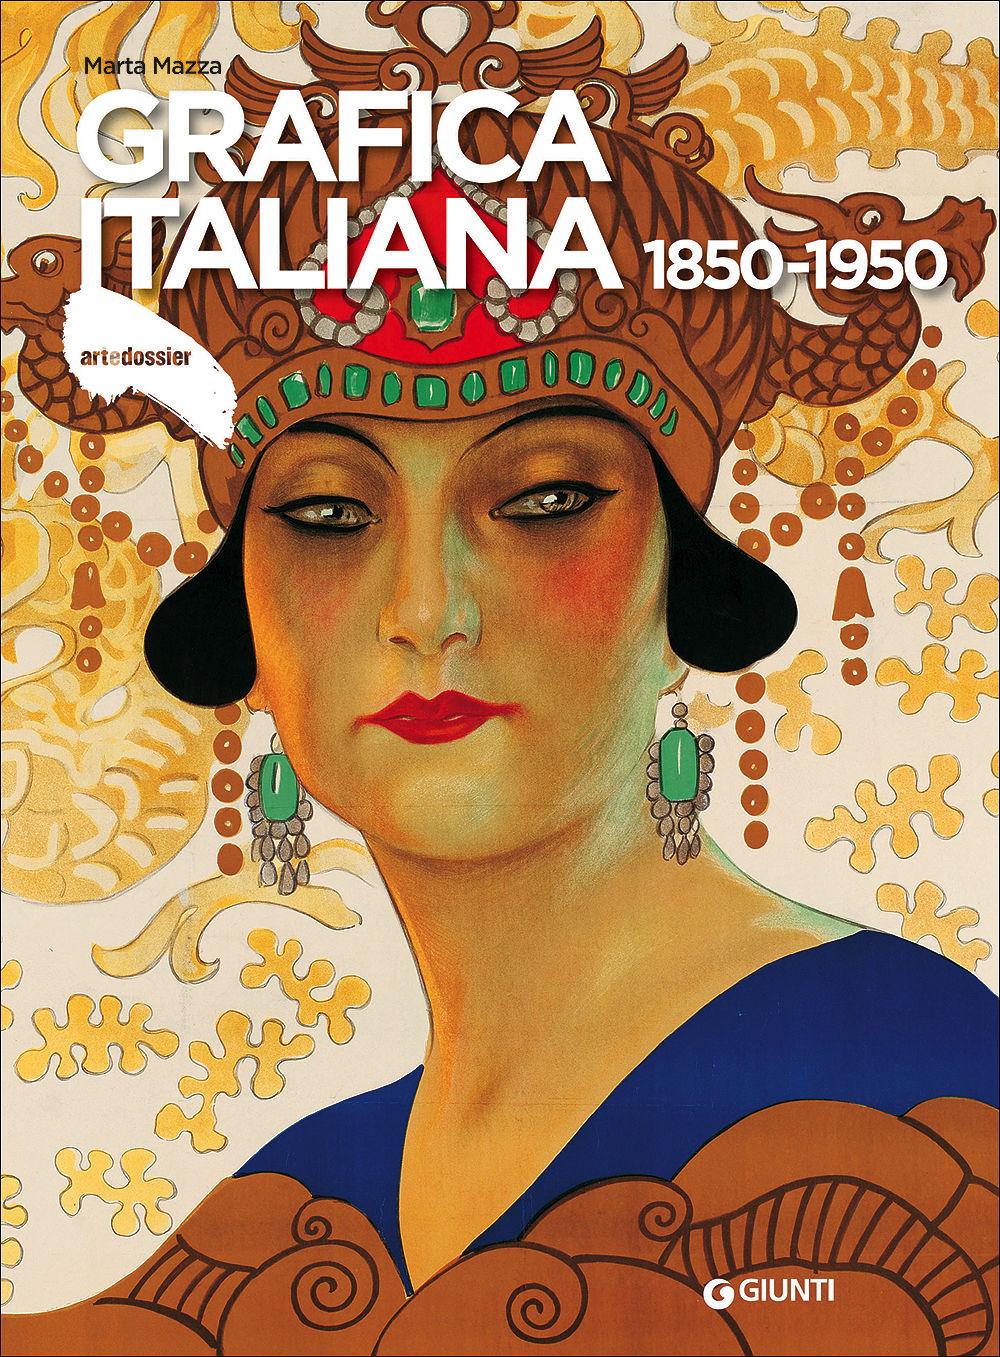 Grafica italiana 1850-1950